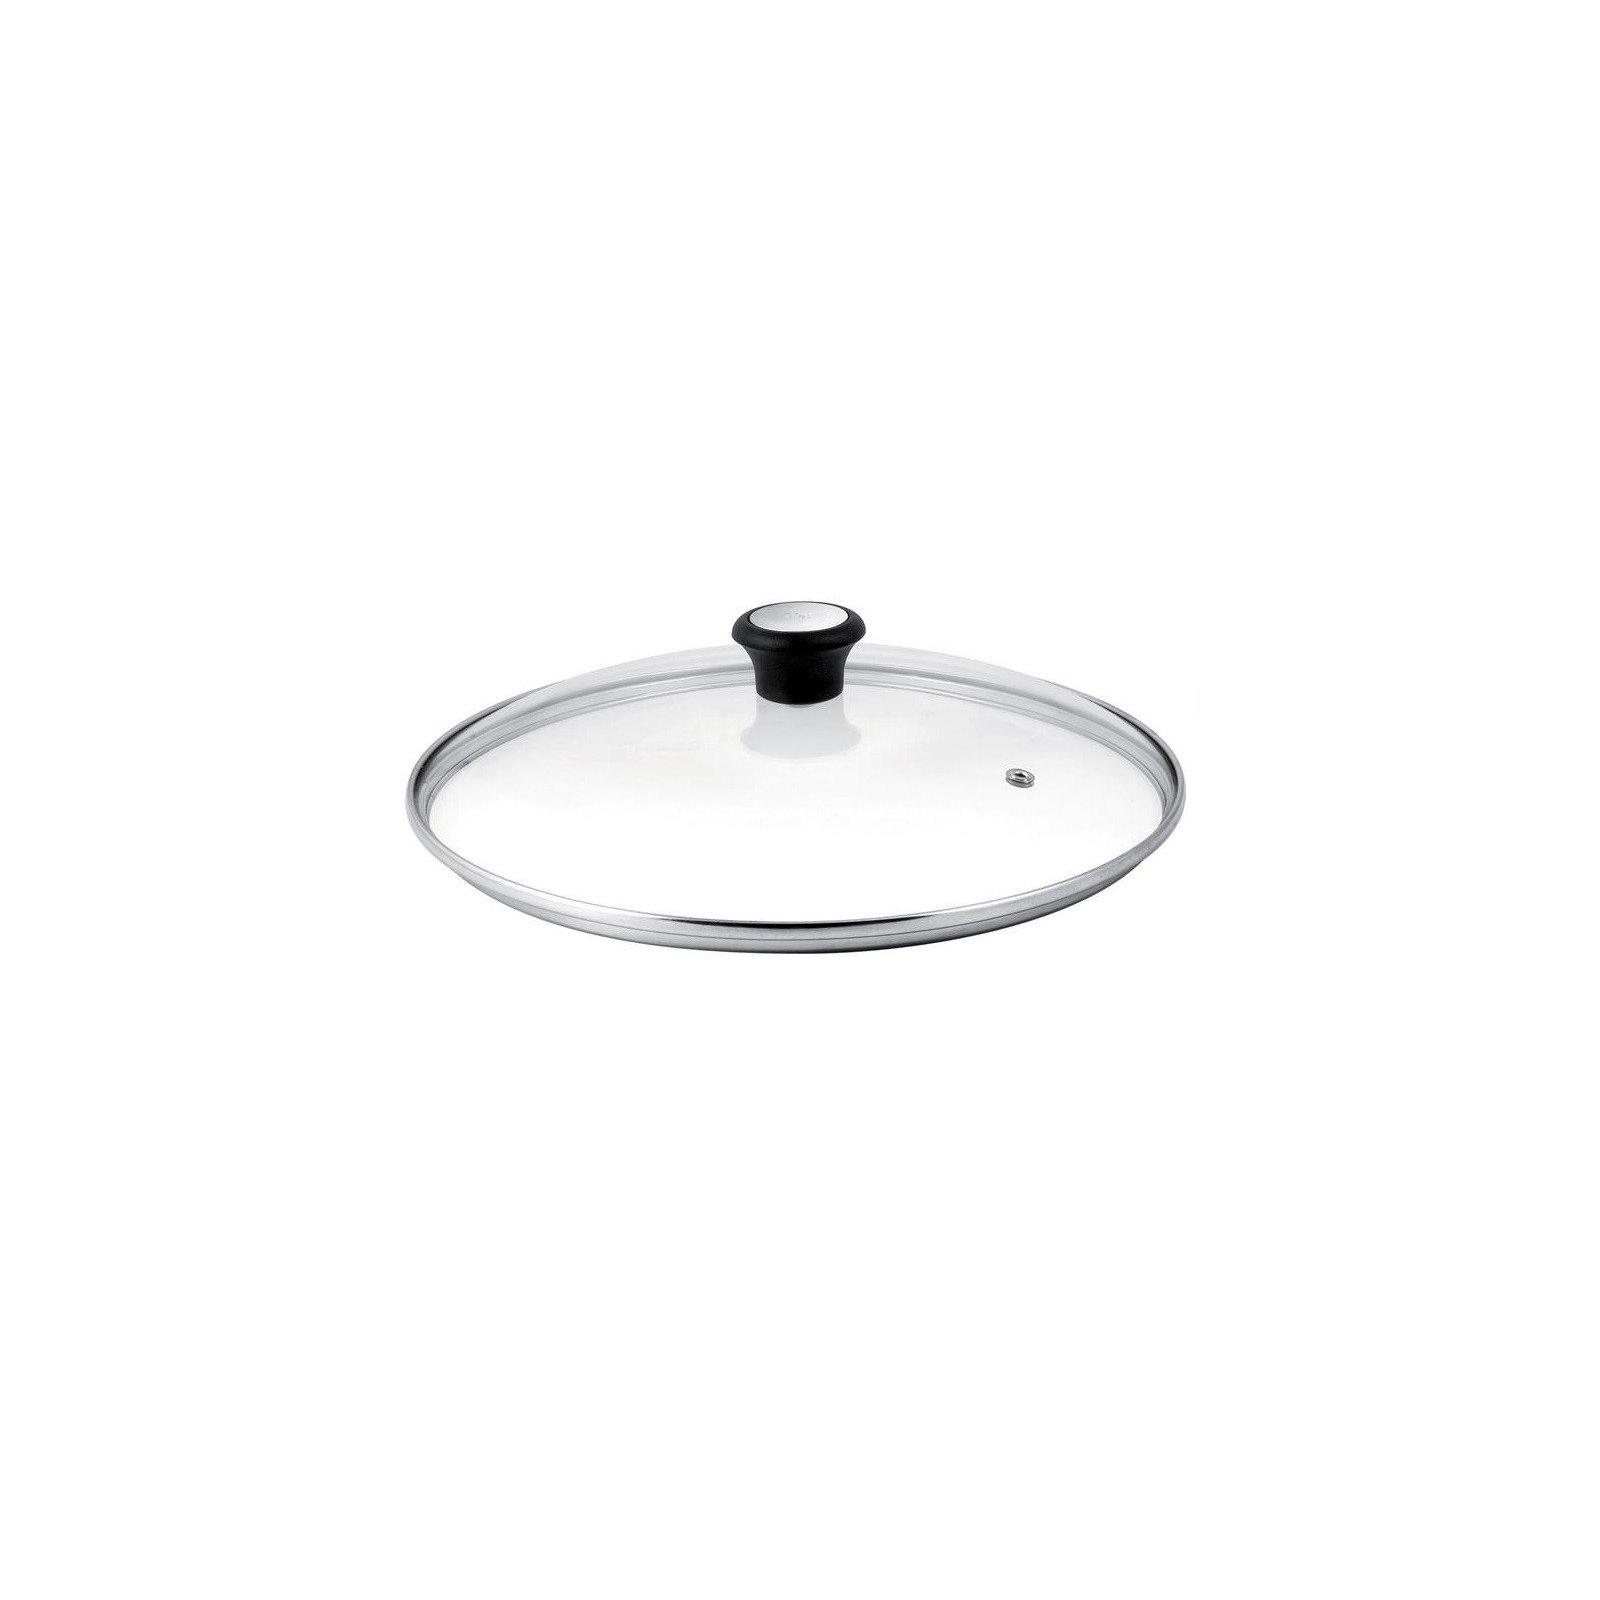 Крышка для посуды Tefal Glass bulbous 24 см (28097512)